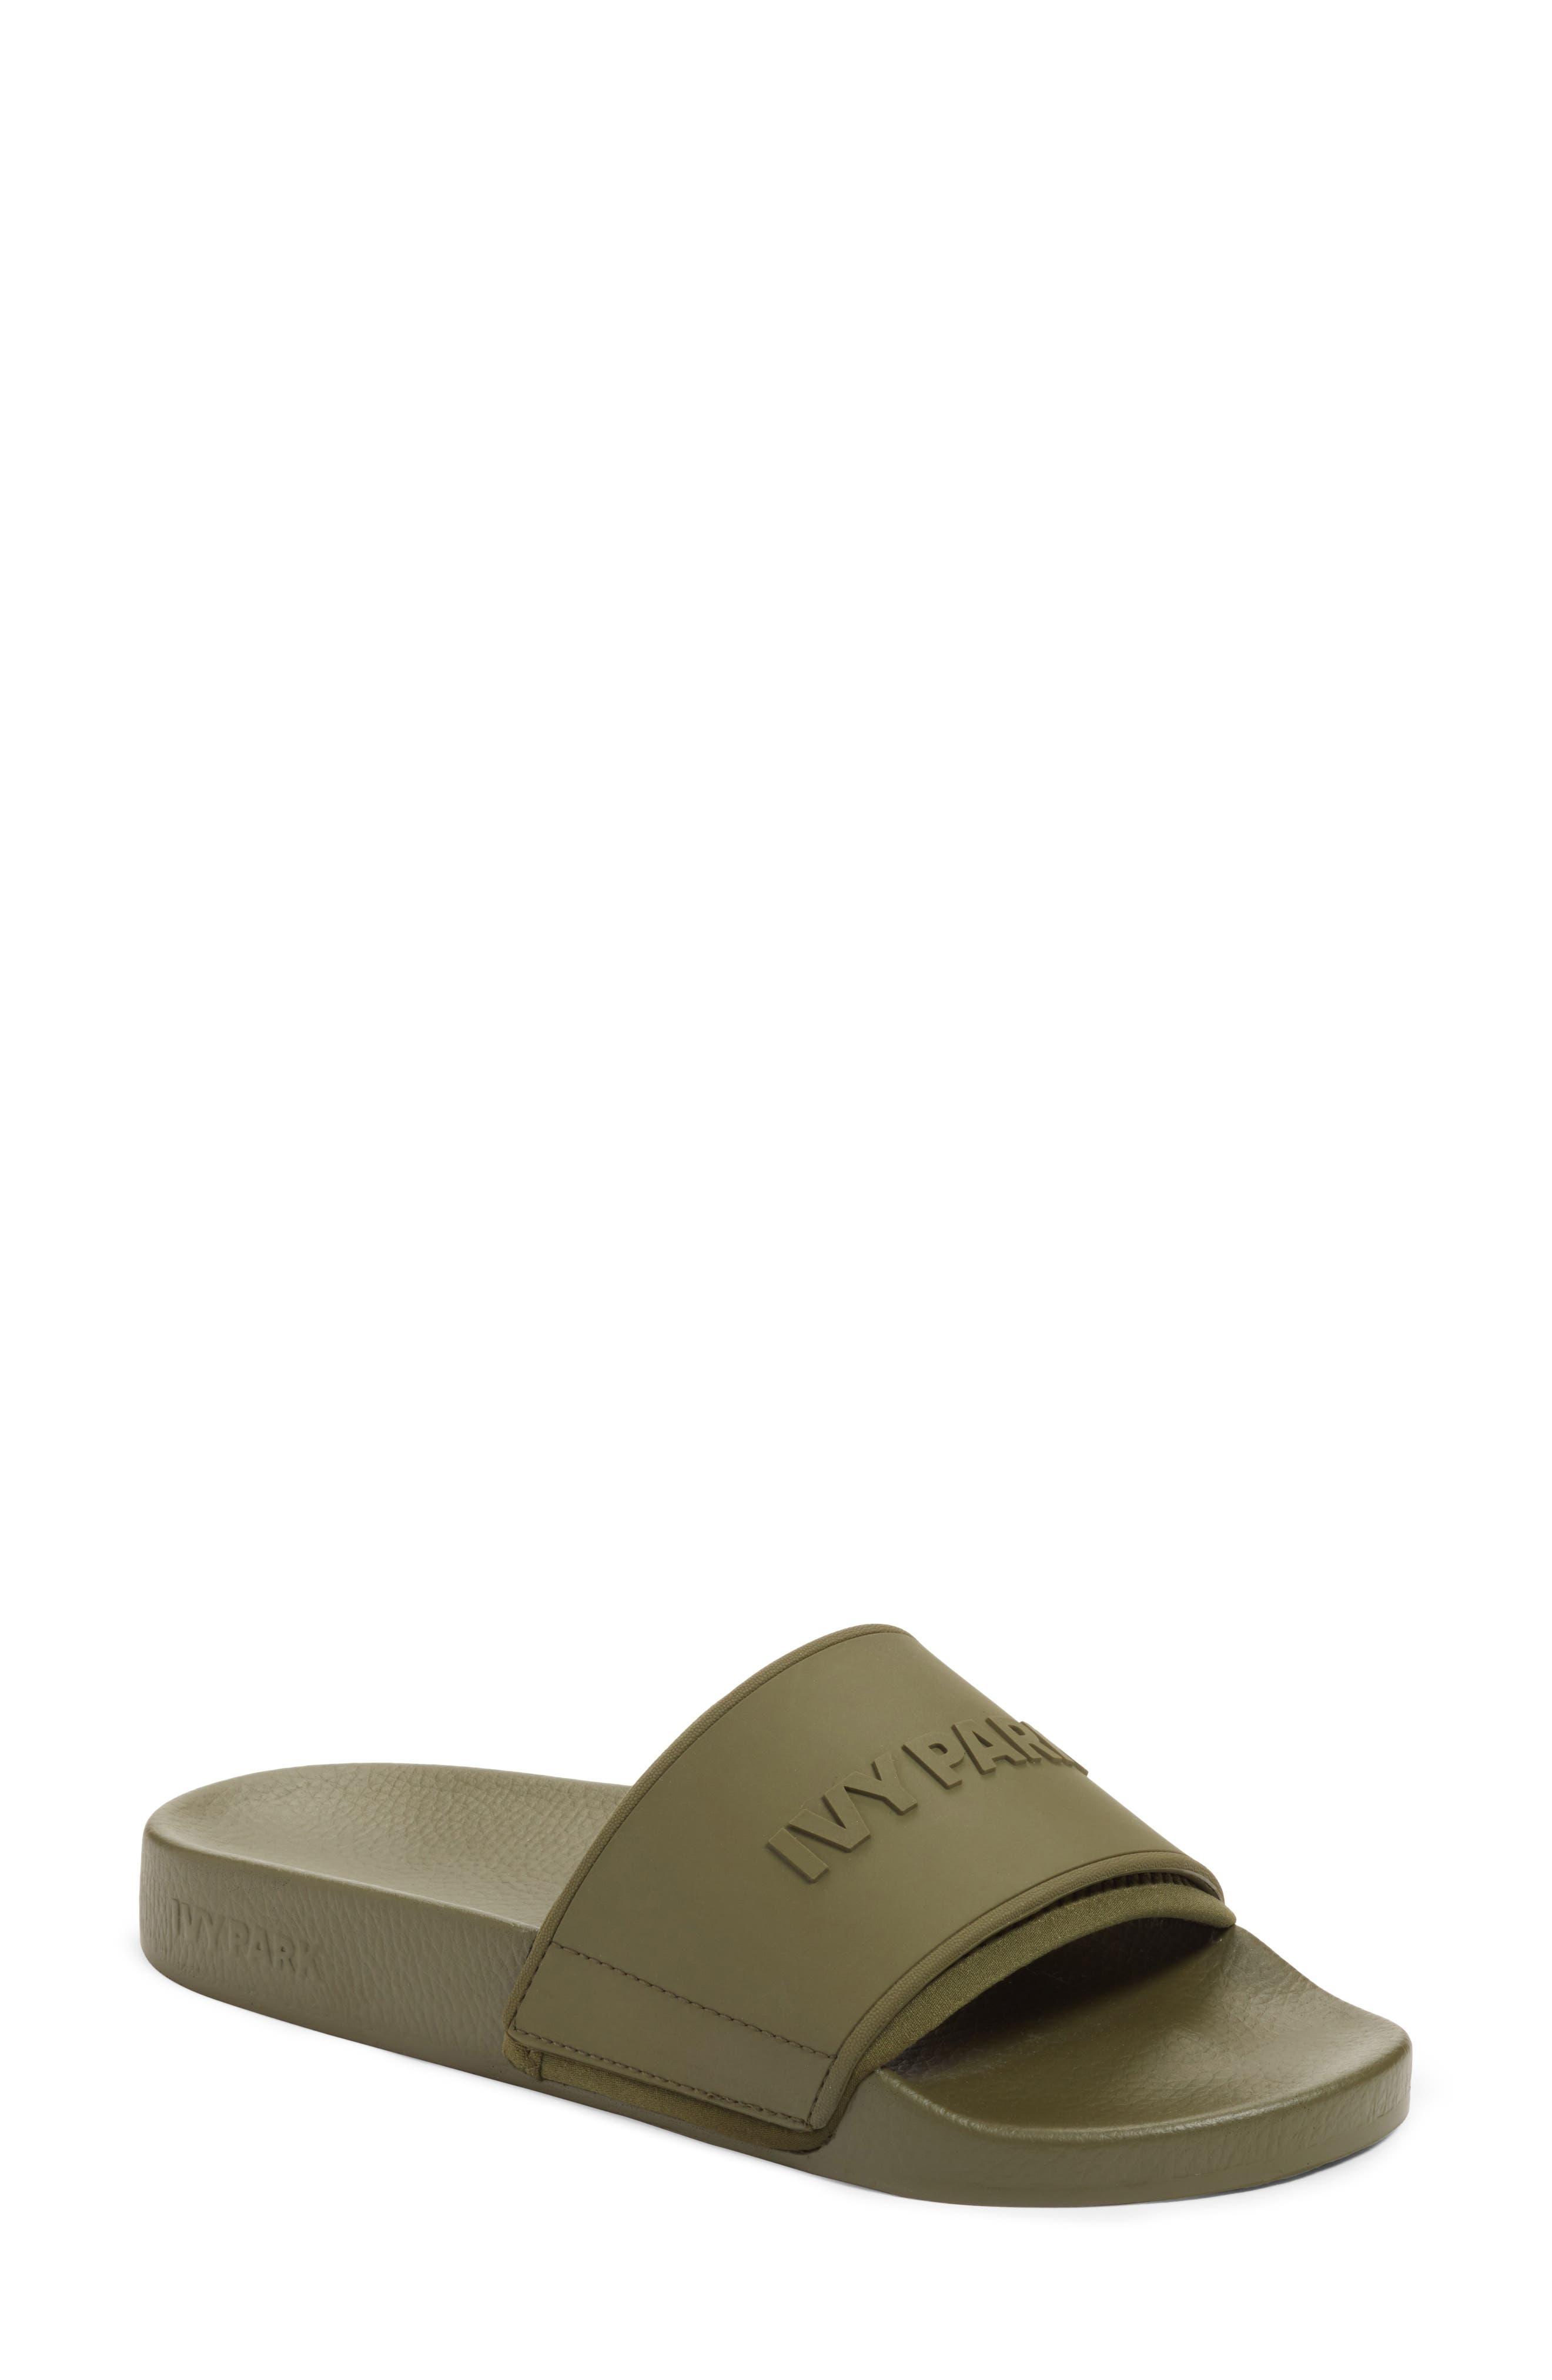 Alternate Image 1 Selected - IVY PARK® Embossed Logo Sock Slide Sandal (Women)